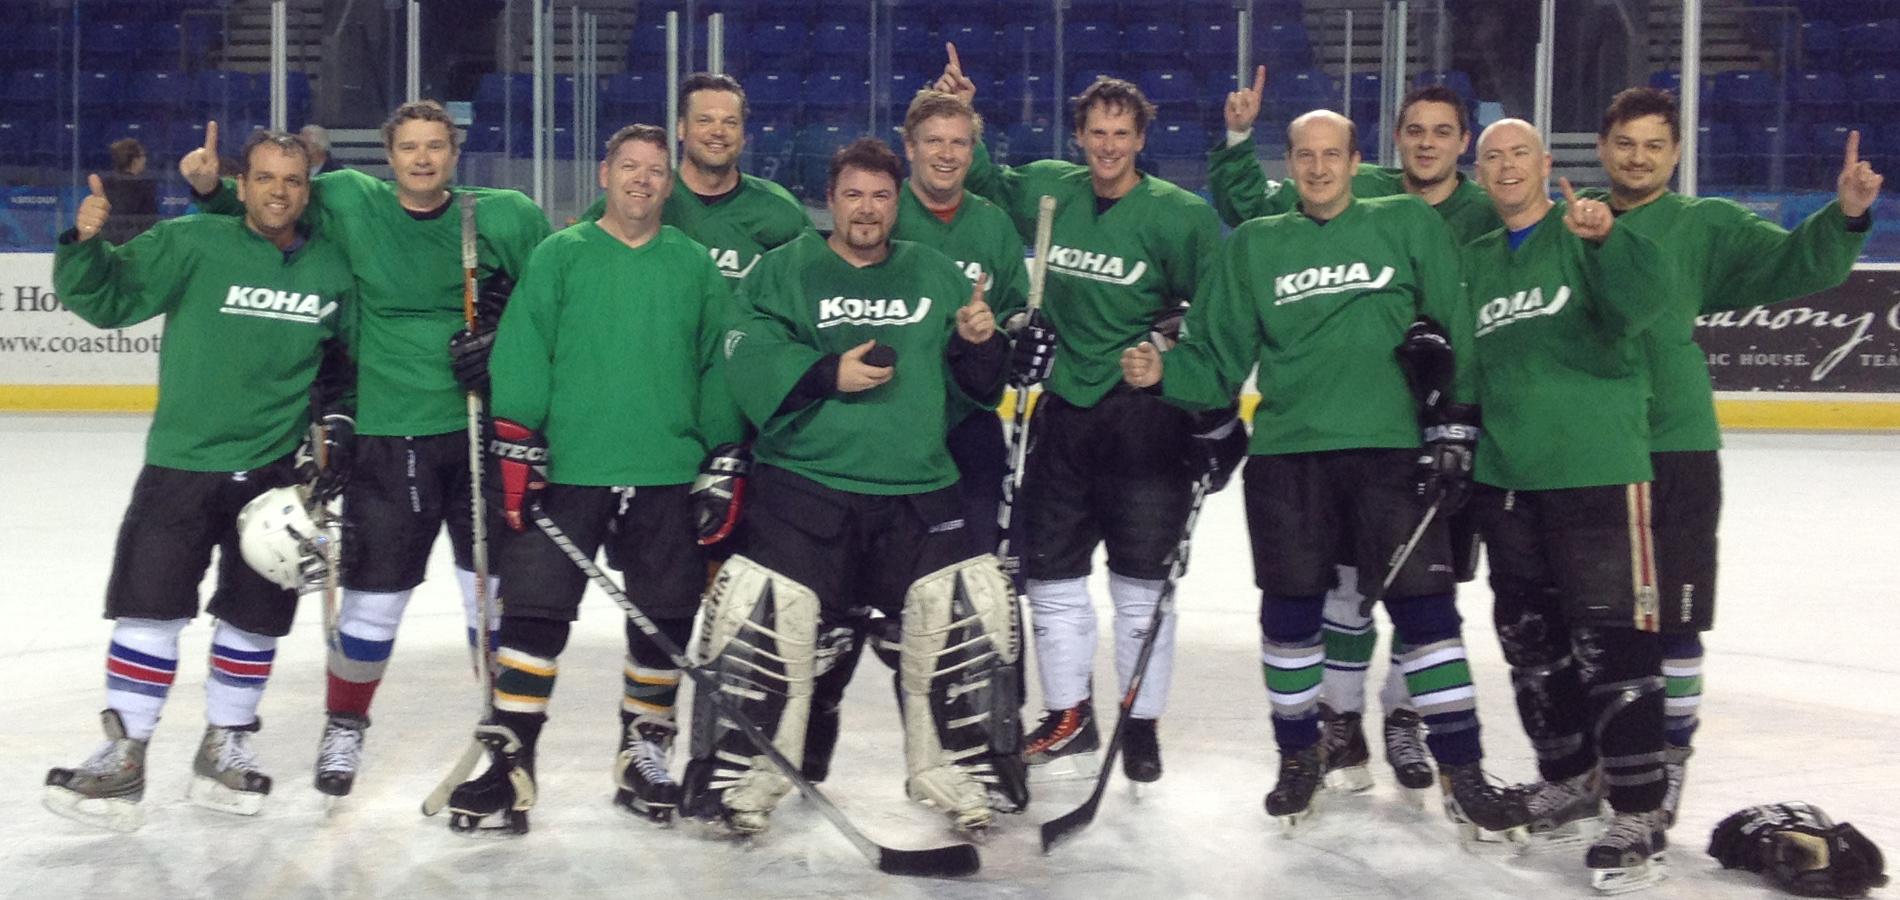 KOHA :: Team Green Champs 2012/2013